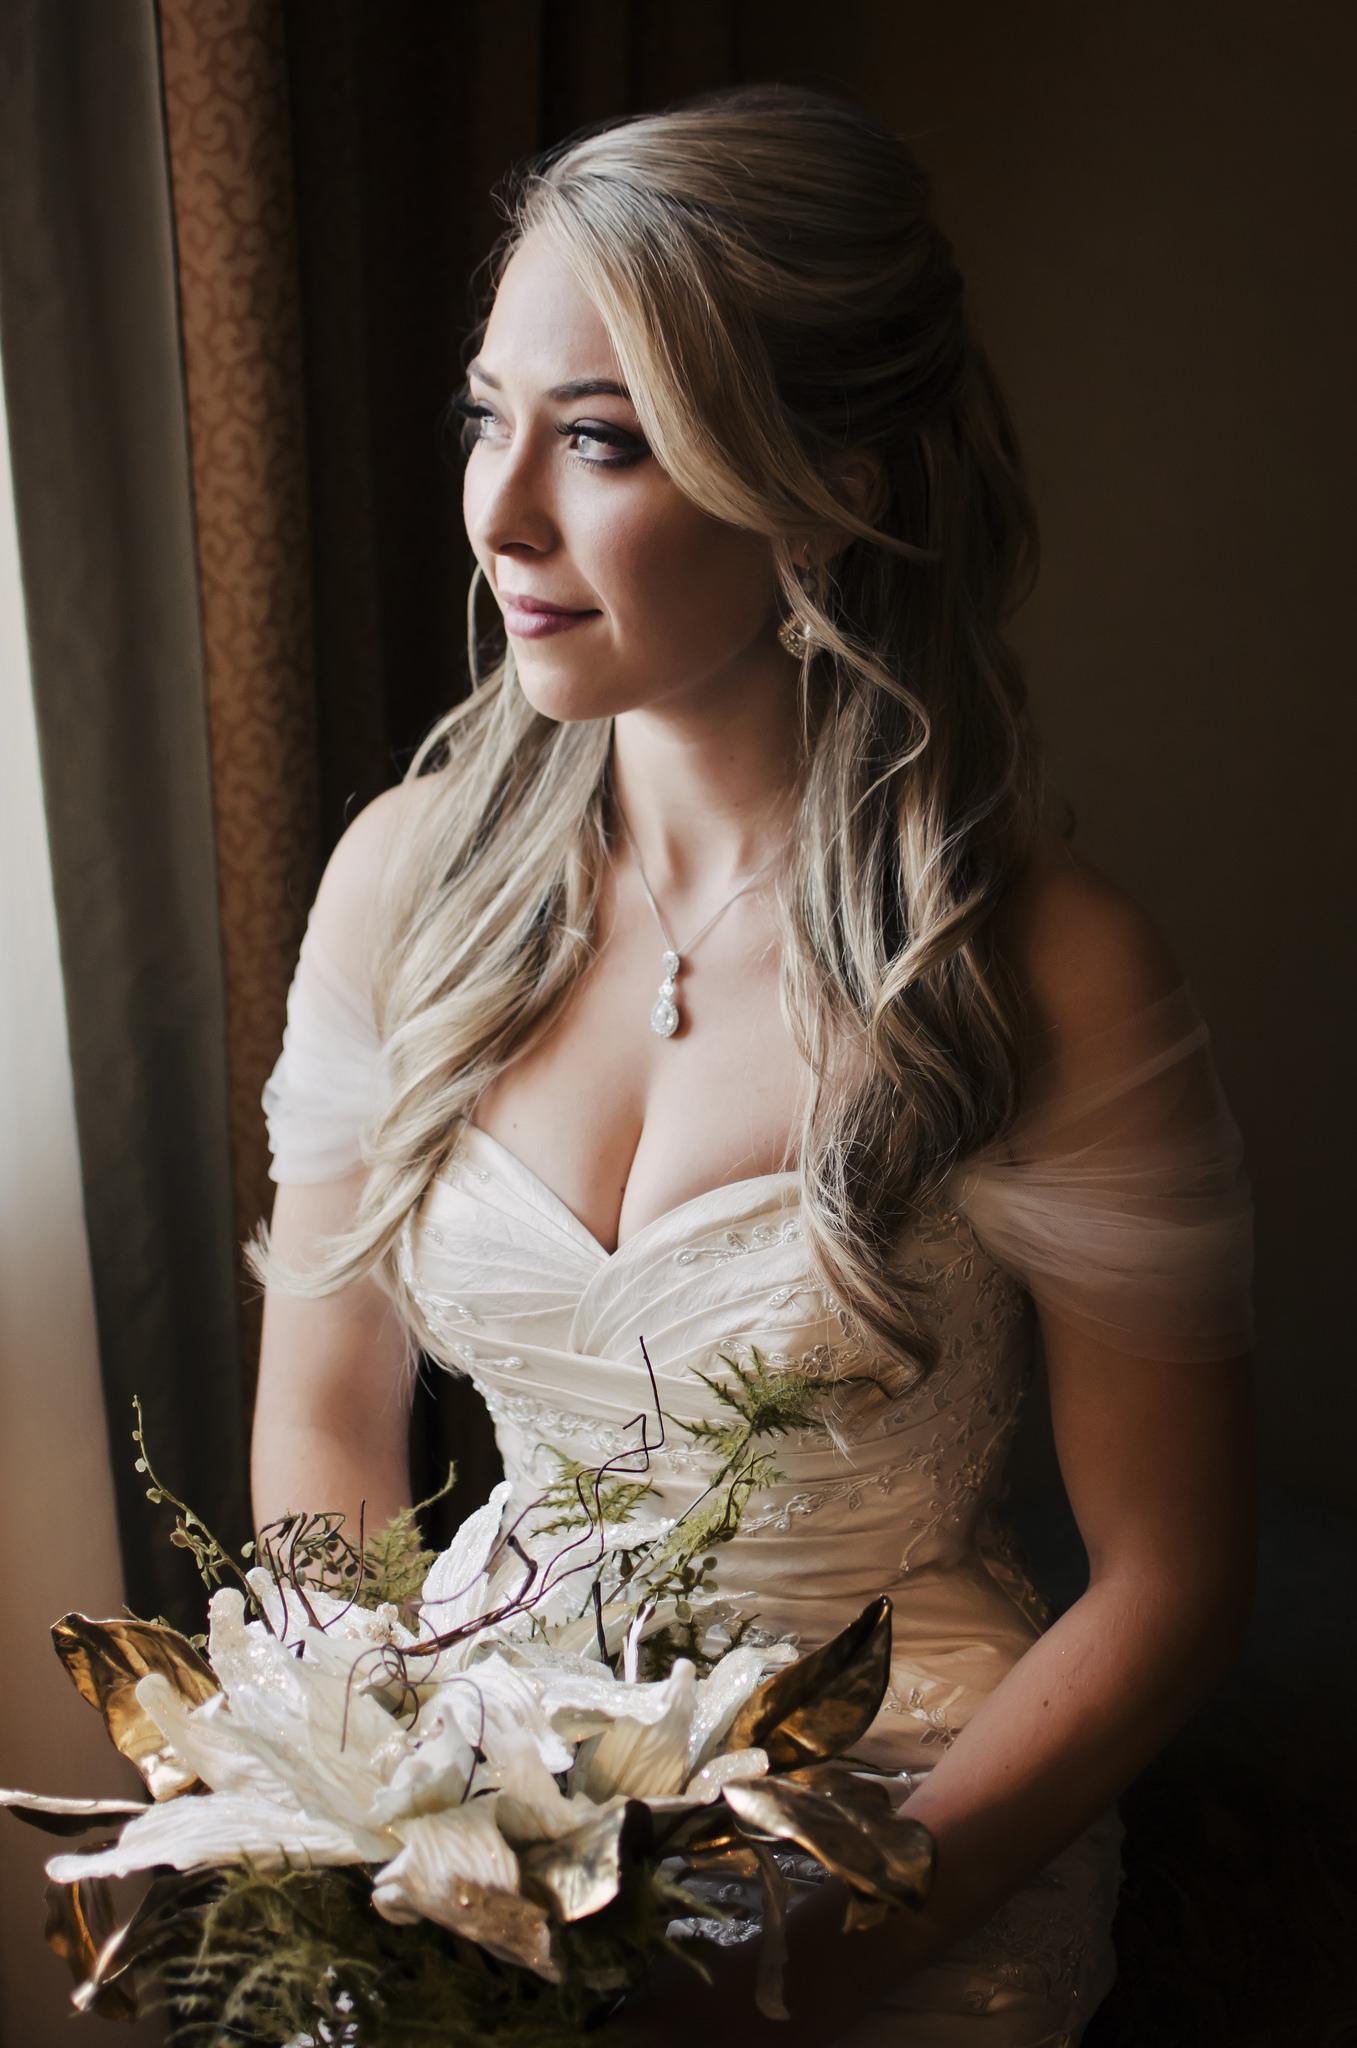 kristine_wedding_brides_spiritedtable_photo20.jpg